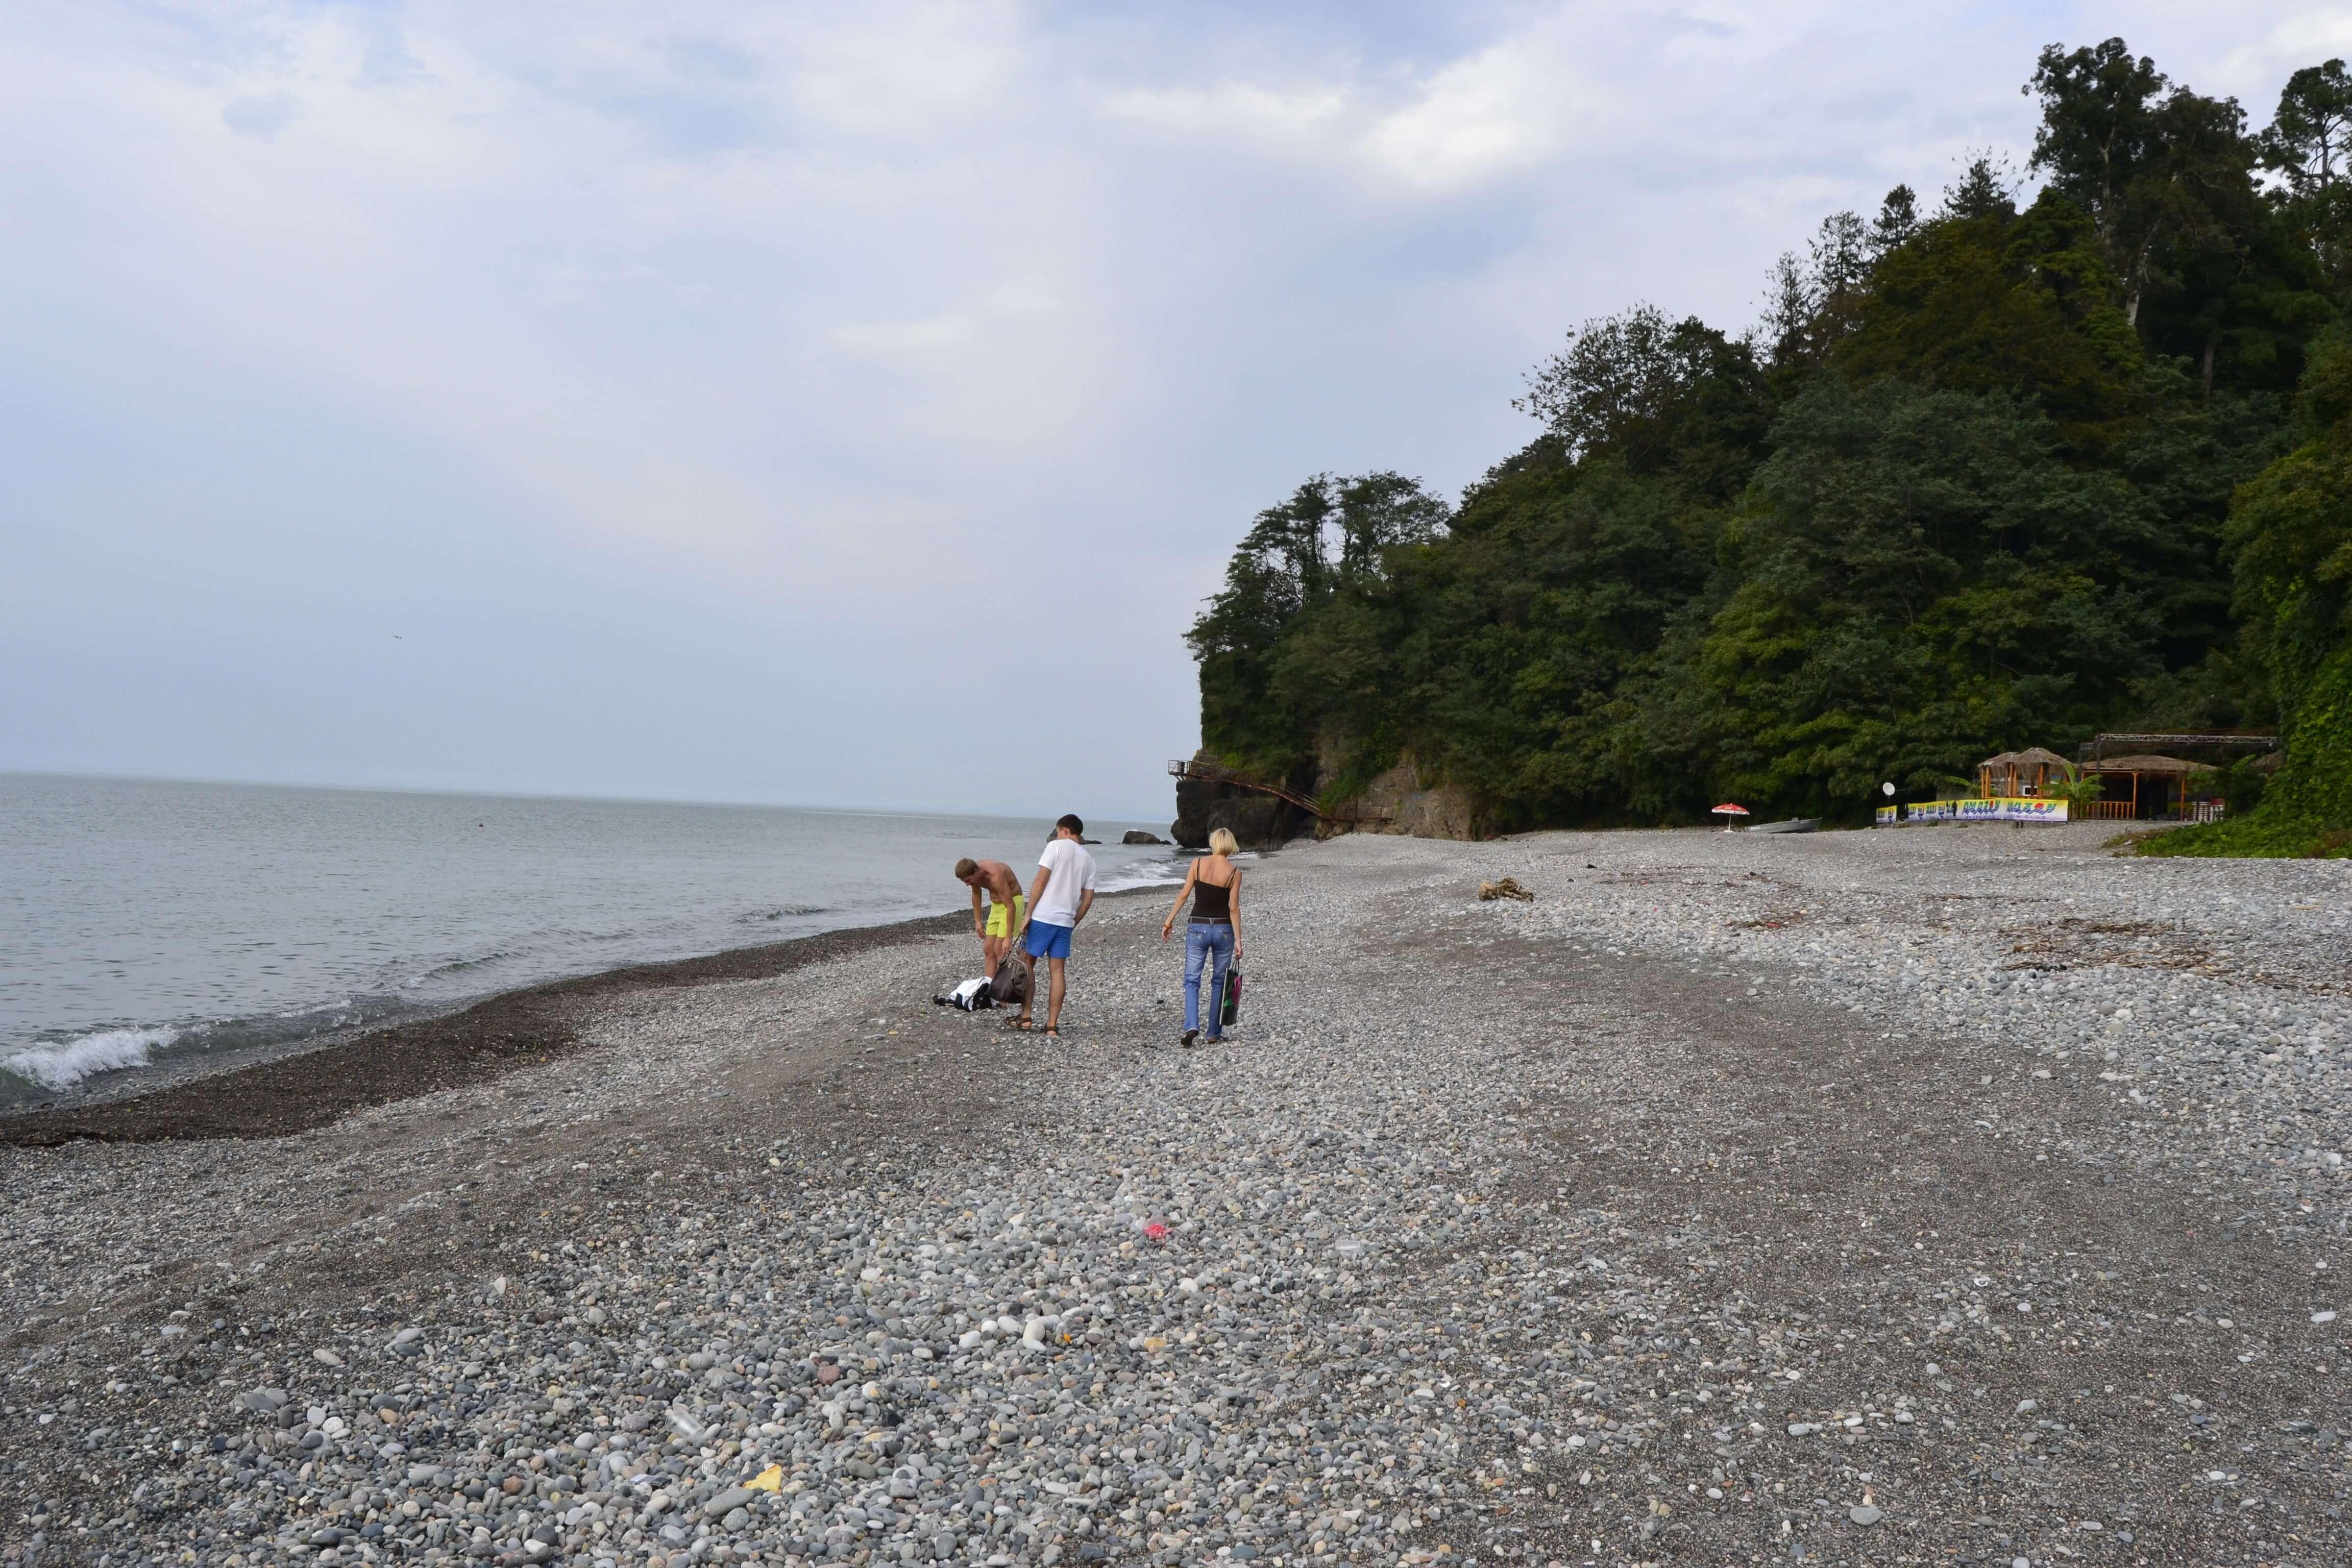 Мцване-Концхи, Батуми, Зелёный мыс, Грузия, пляж, галька